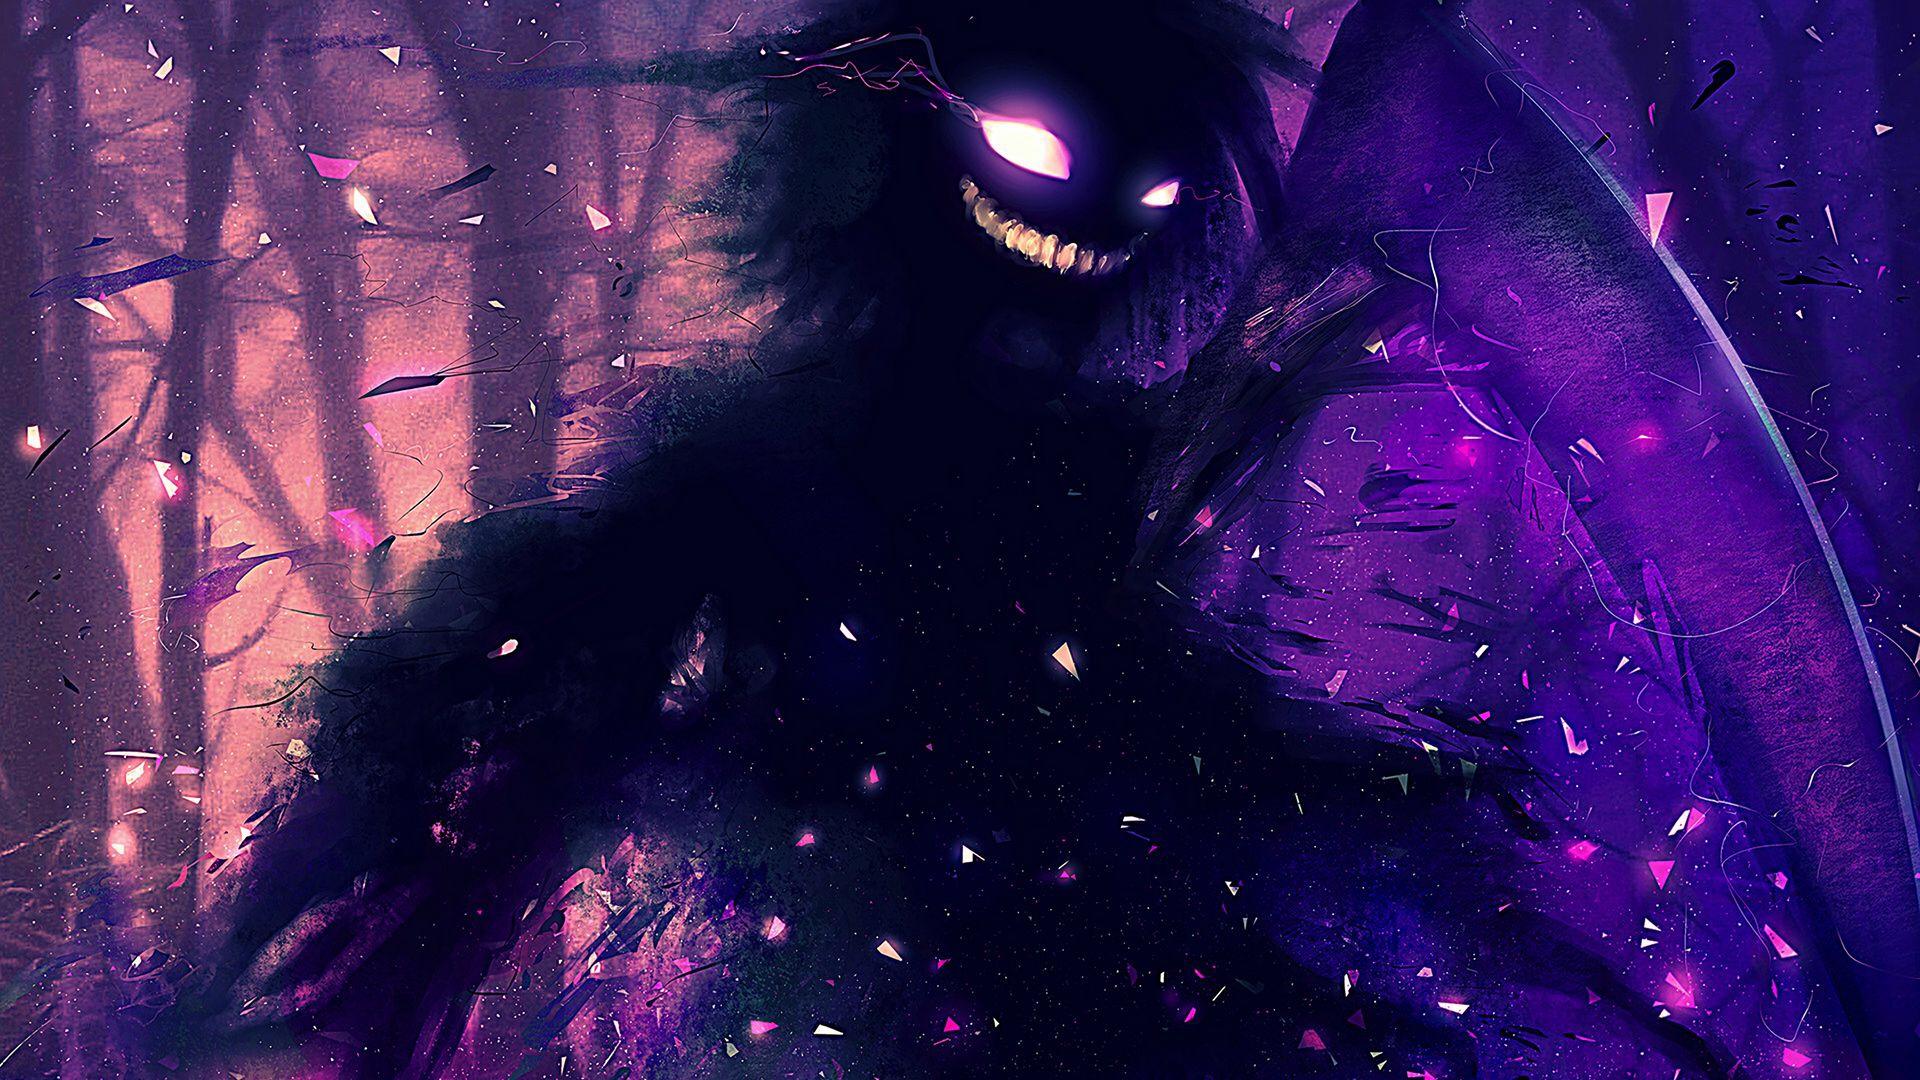 Evil smile monster wallpaper